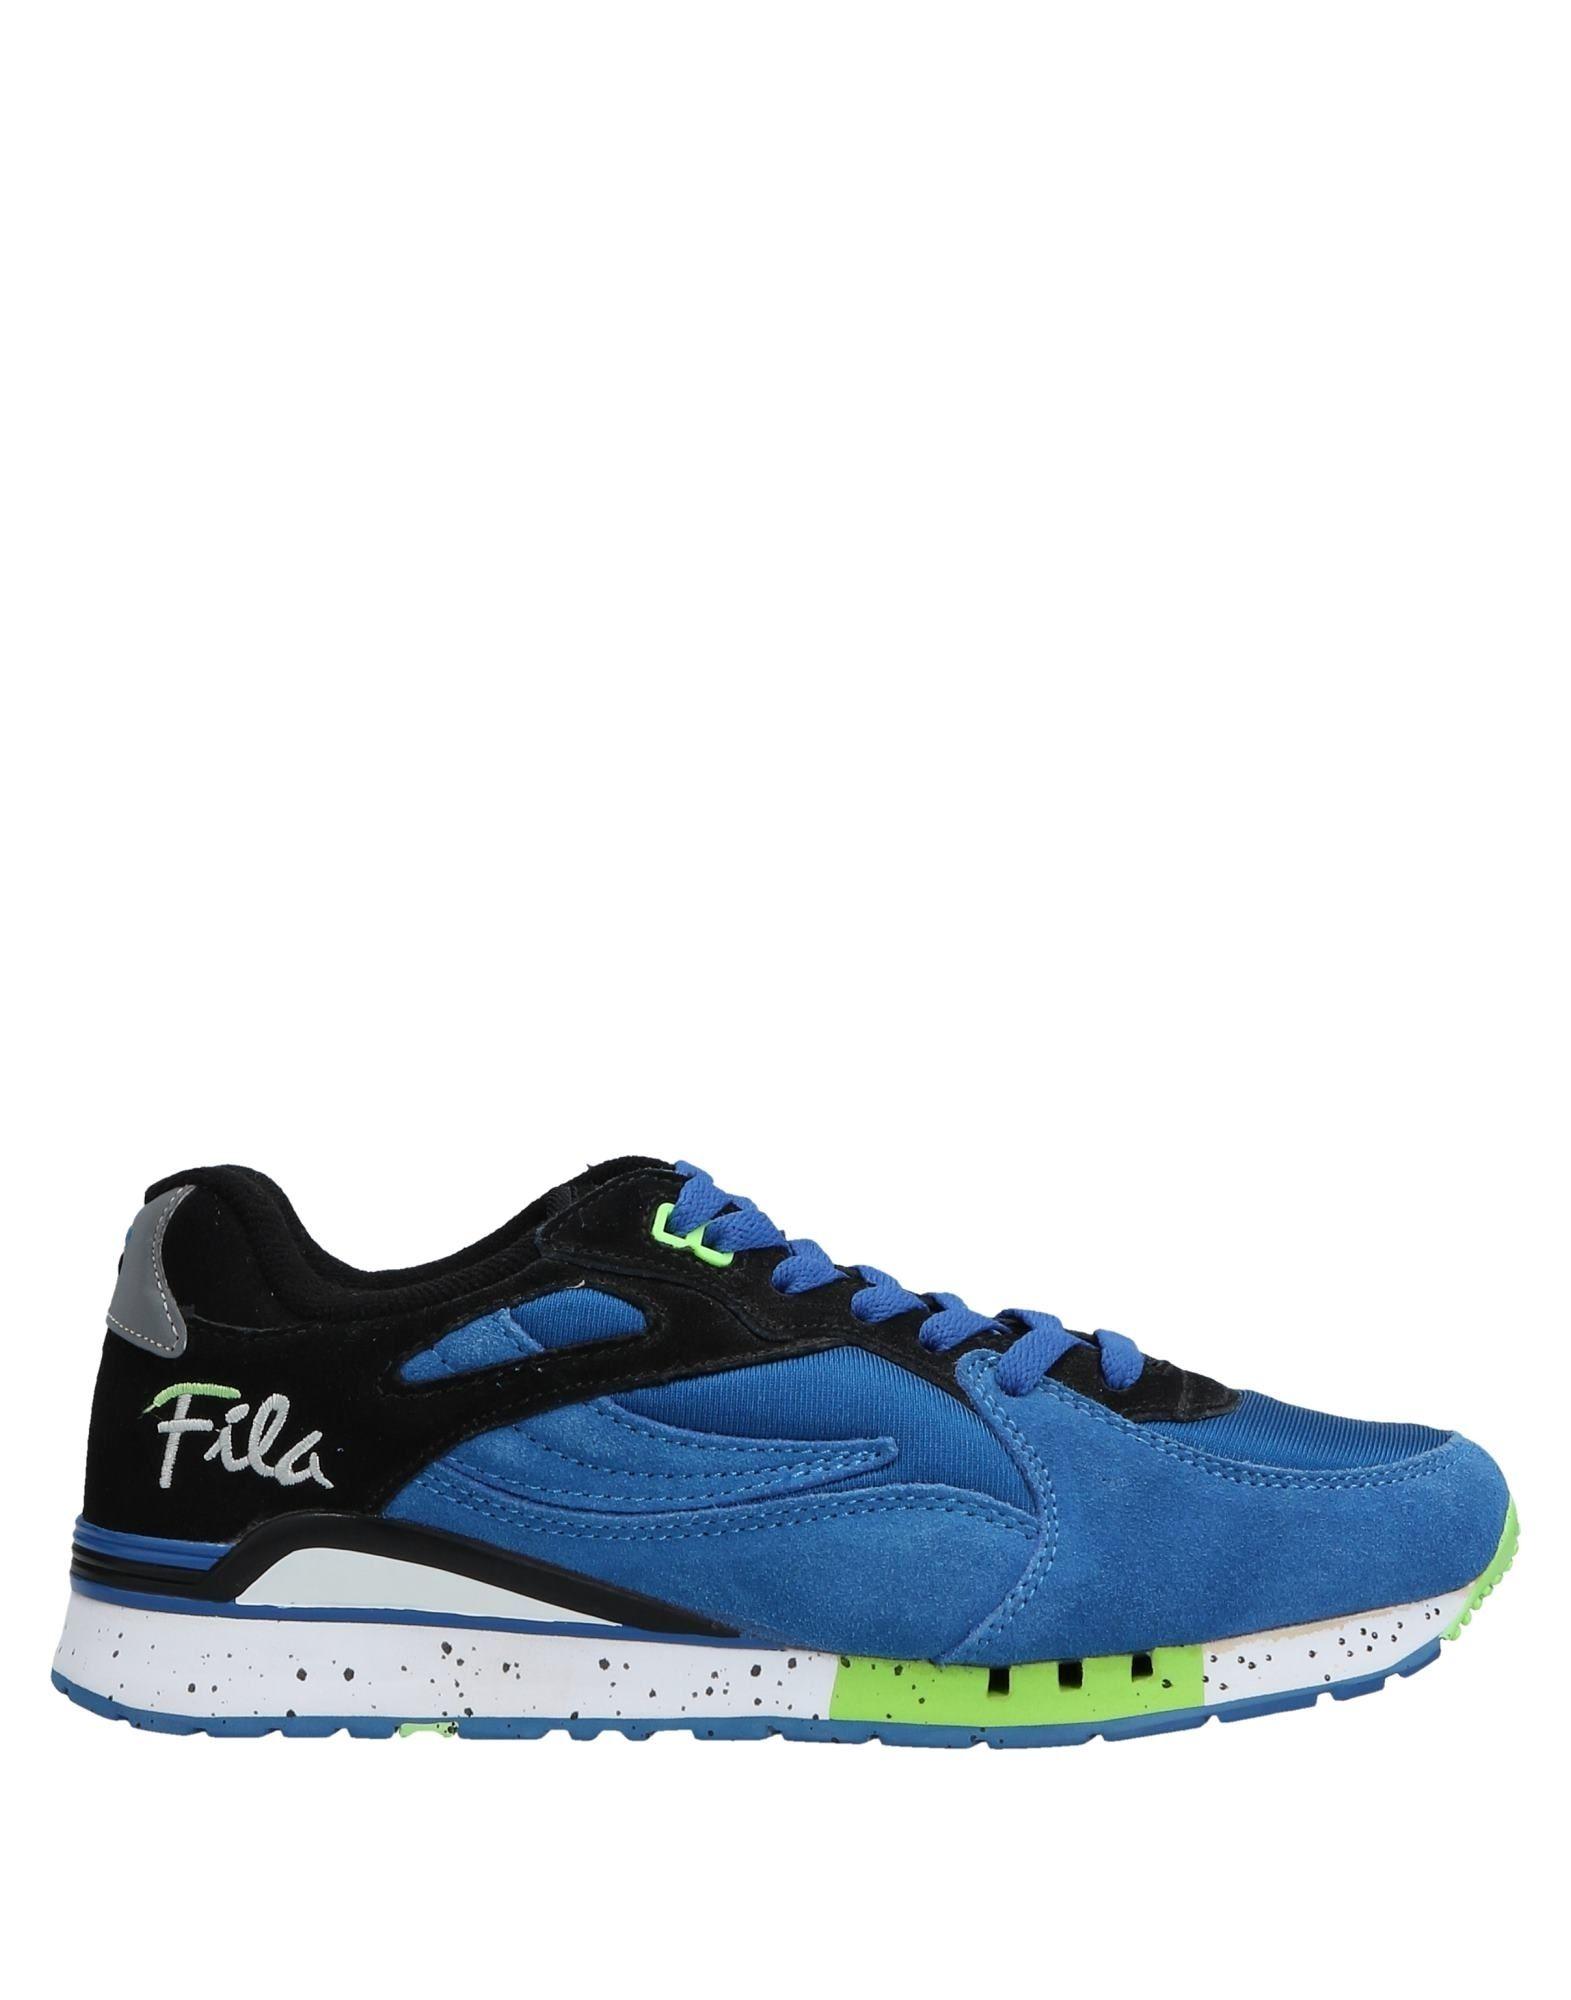 Sneakers Fila Homme - Sneakers Fila  Bleu Les chaussures les plus populaires pour les hommes et les femmes